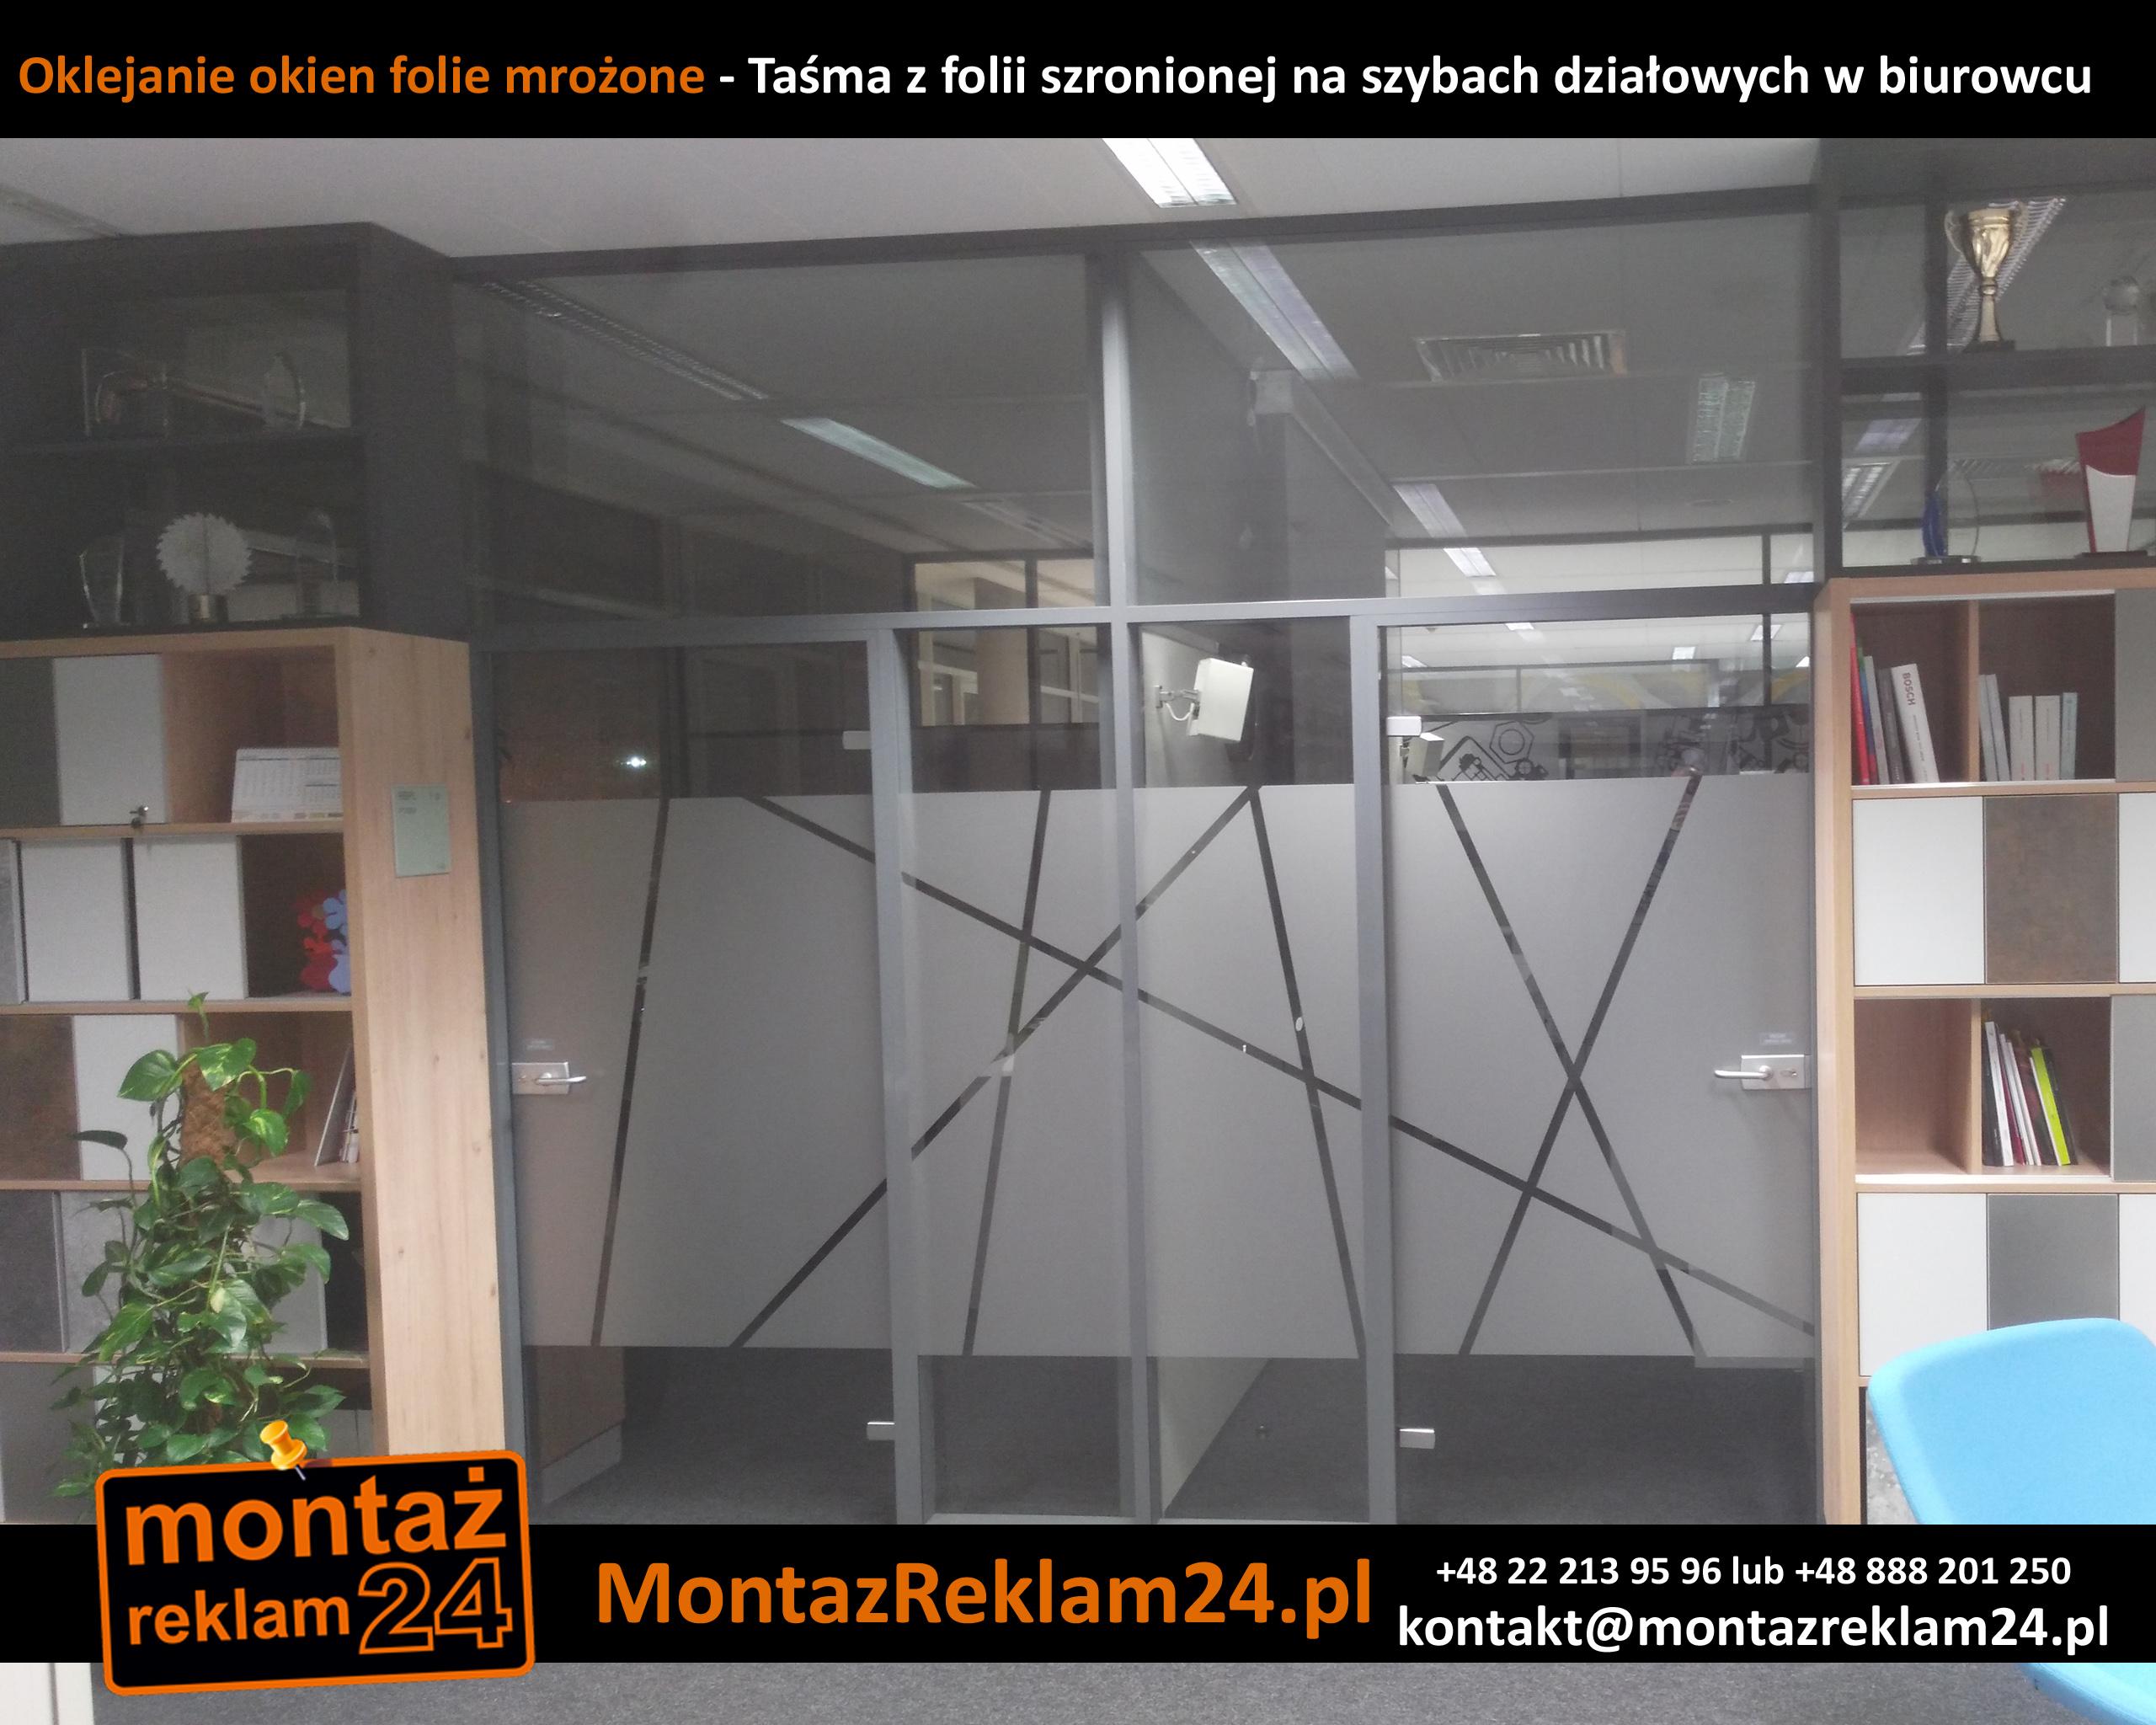 Oklejanie okien folie mrożone - Taśma z folii szronionej na szybach działowych w biurowcu.jpg